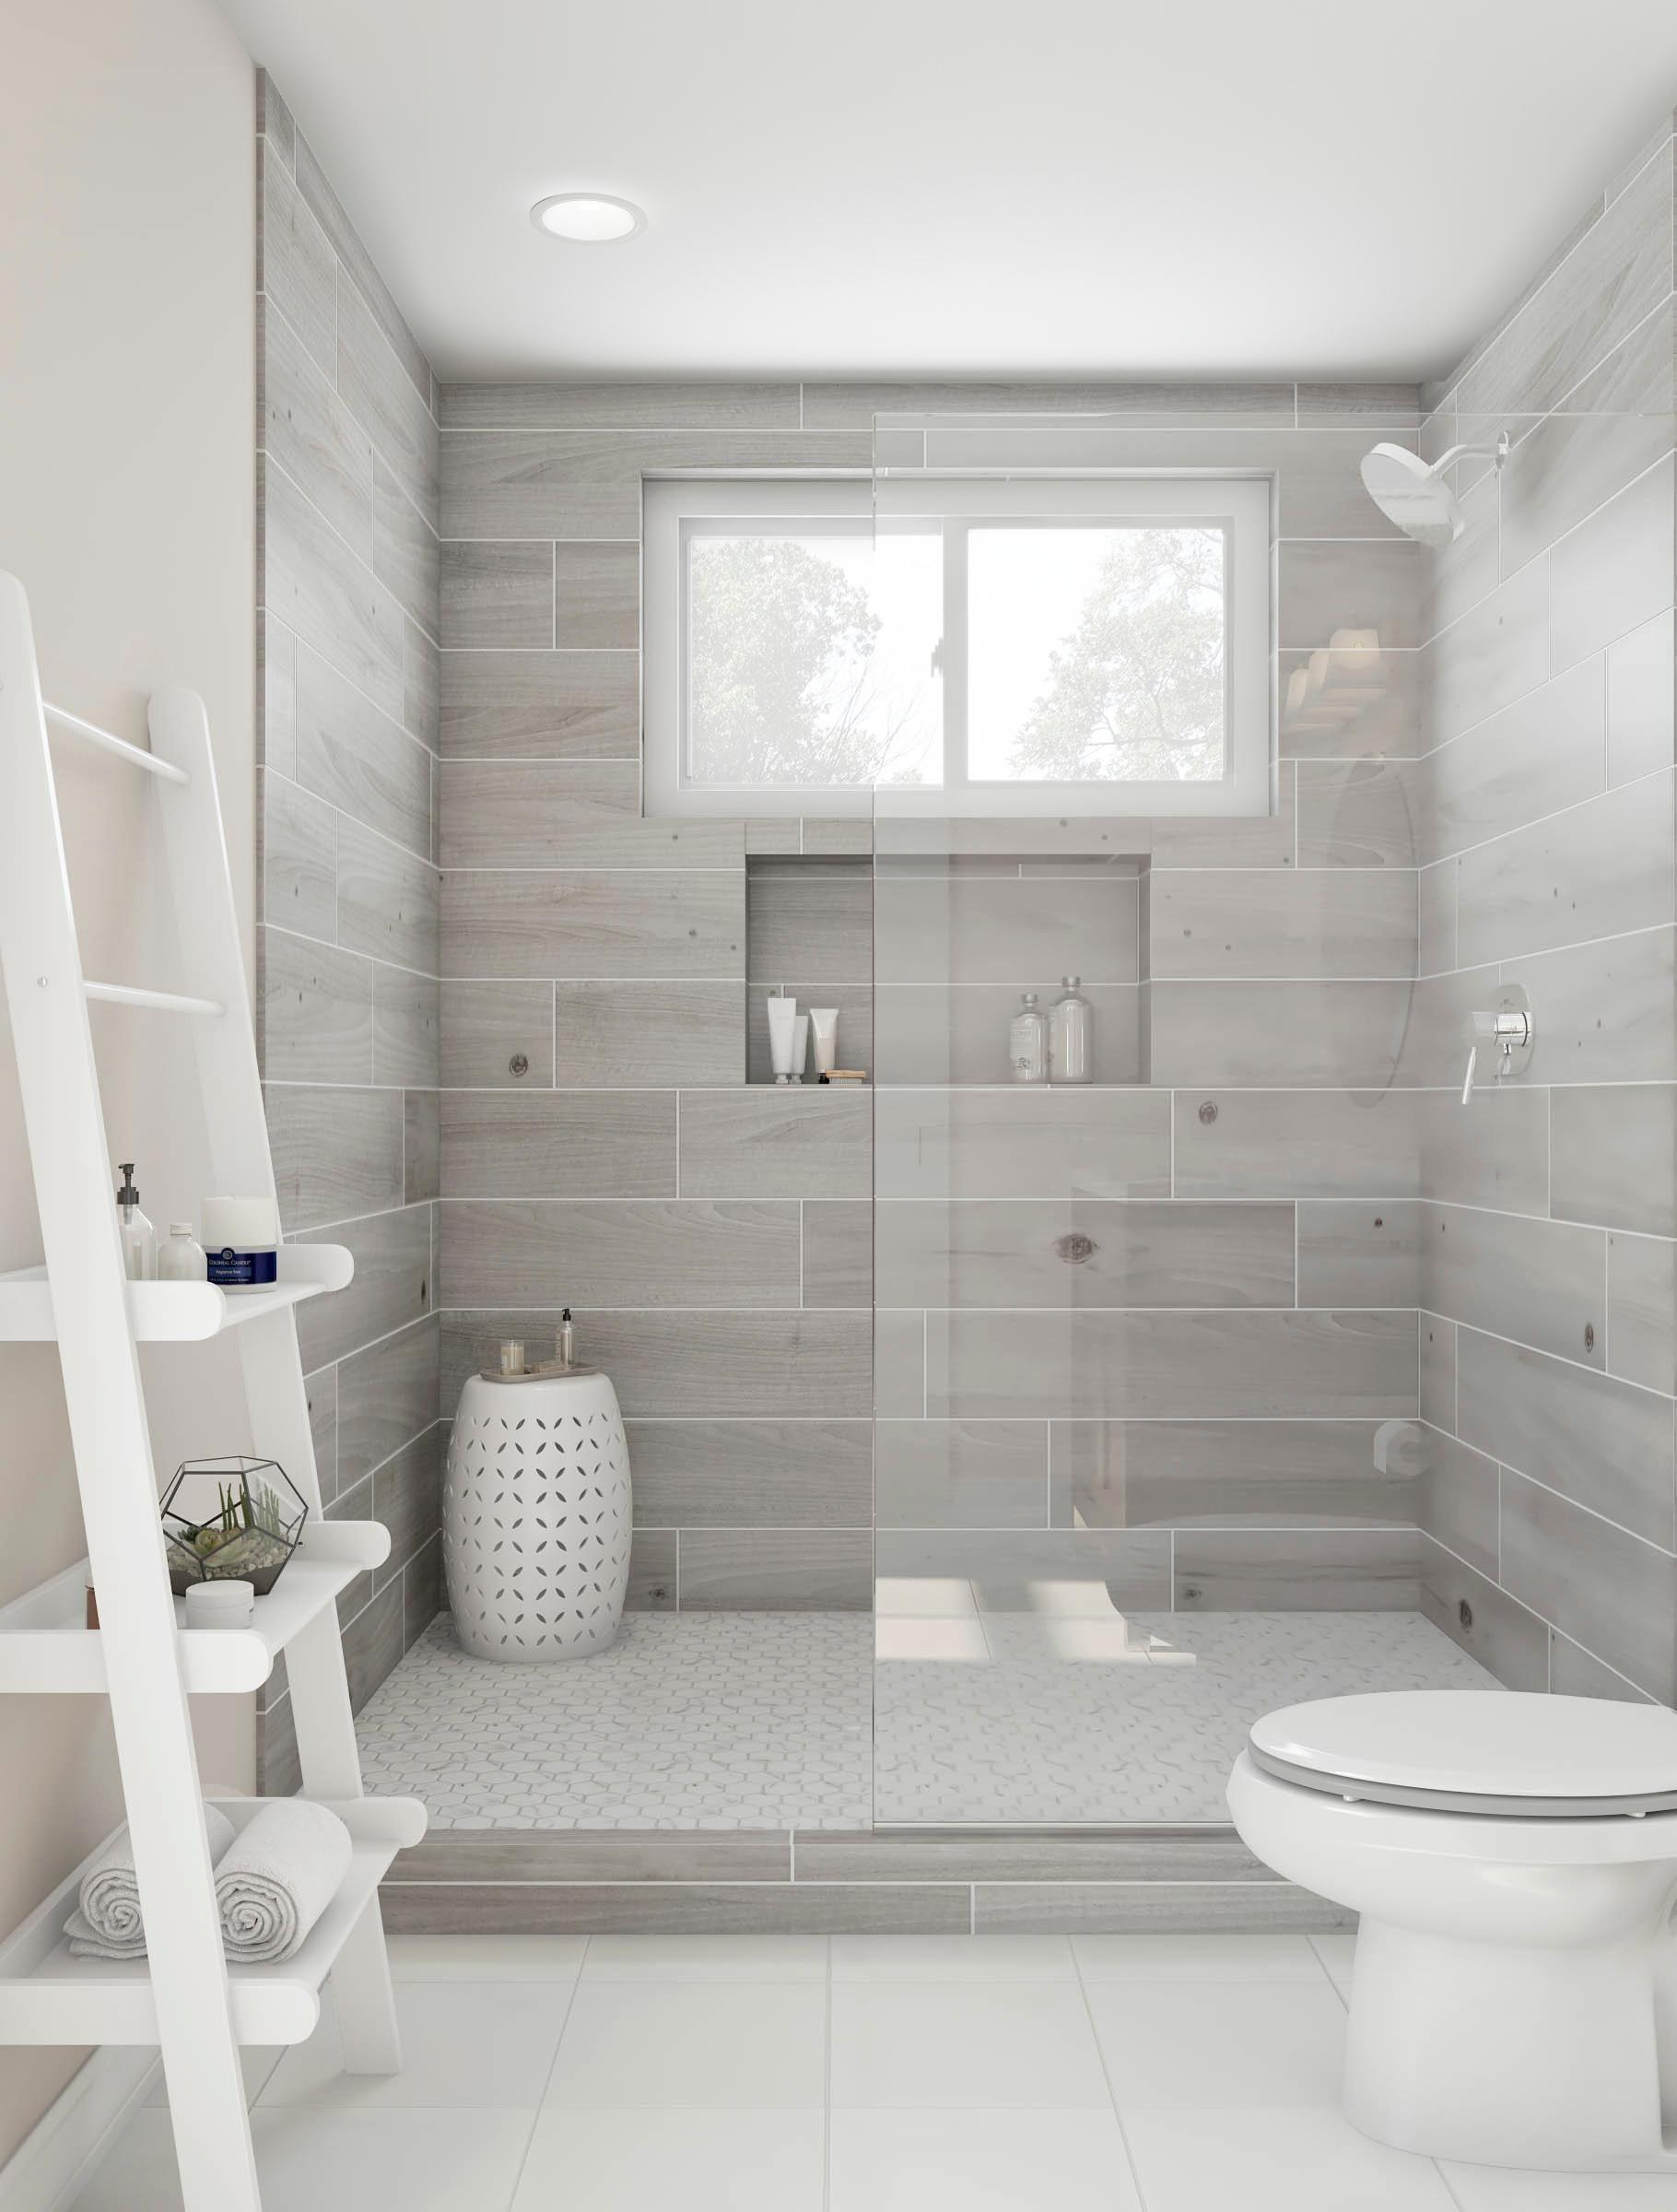 Geniessen Sie Diese Wunderschone Ebenerdige Dusche Aschgraue Kacheln Und Eine Romische Mauer Gebunden In 2020 Mit Bildern Badezimmer Renovieren Modernes Badezimmerdesign Badezimmer Umgestalten